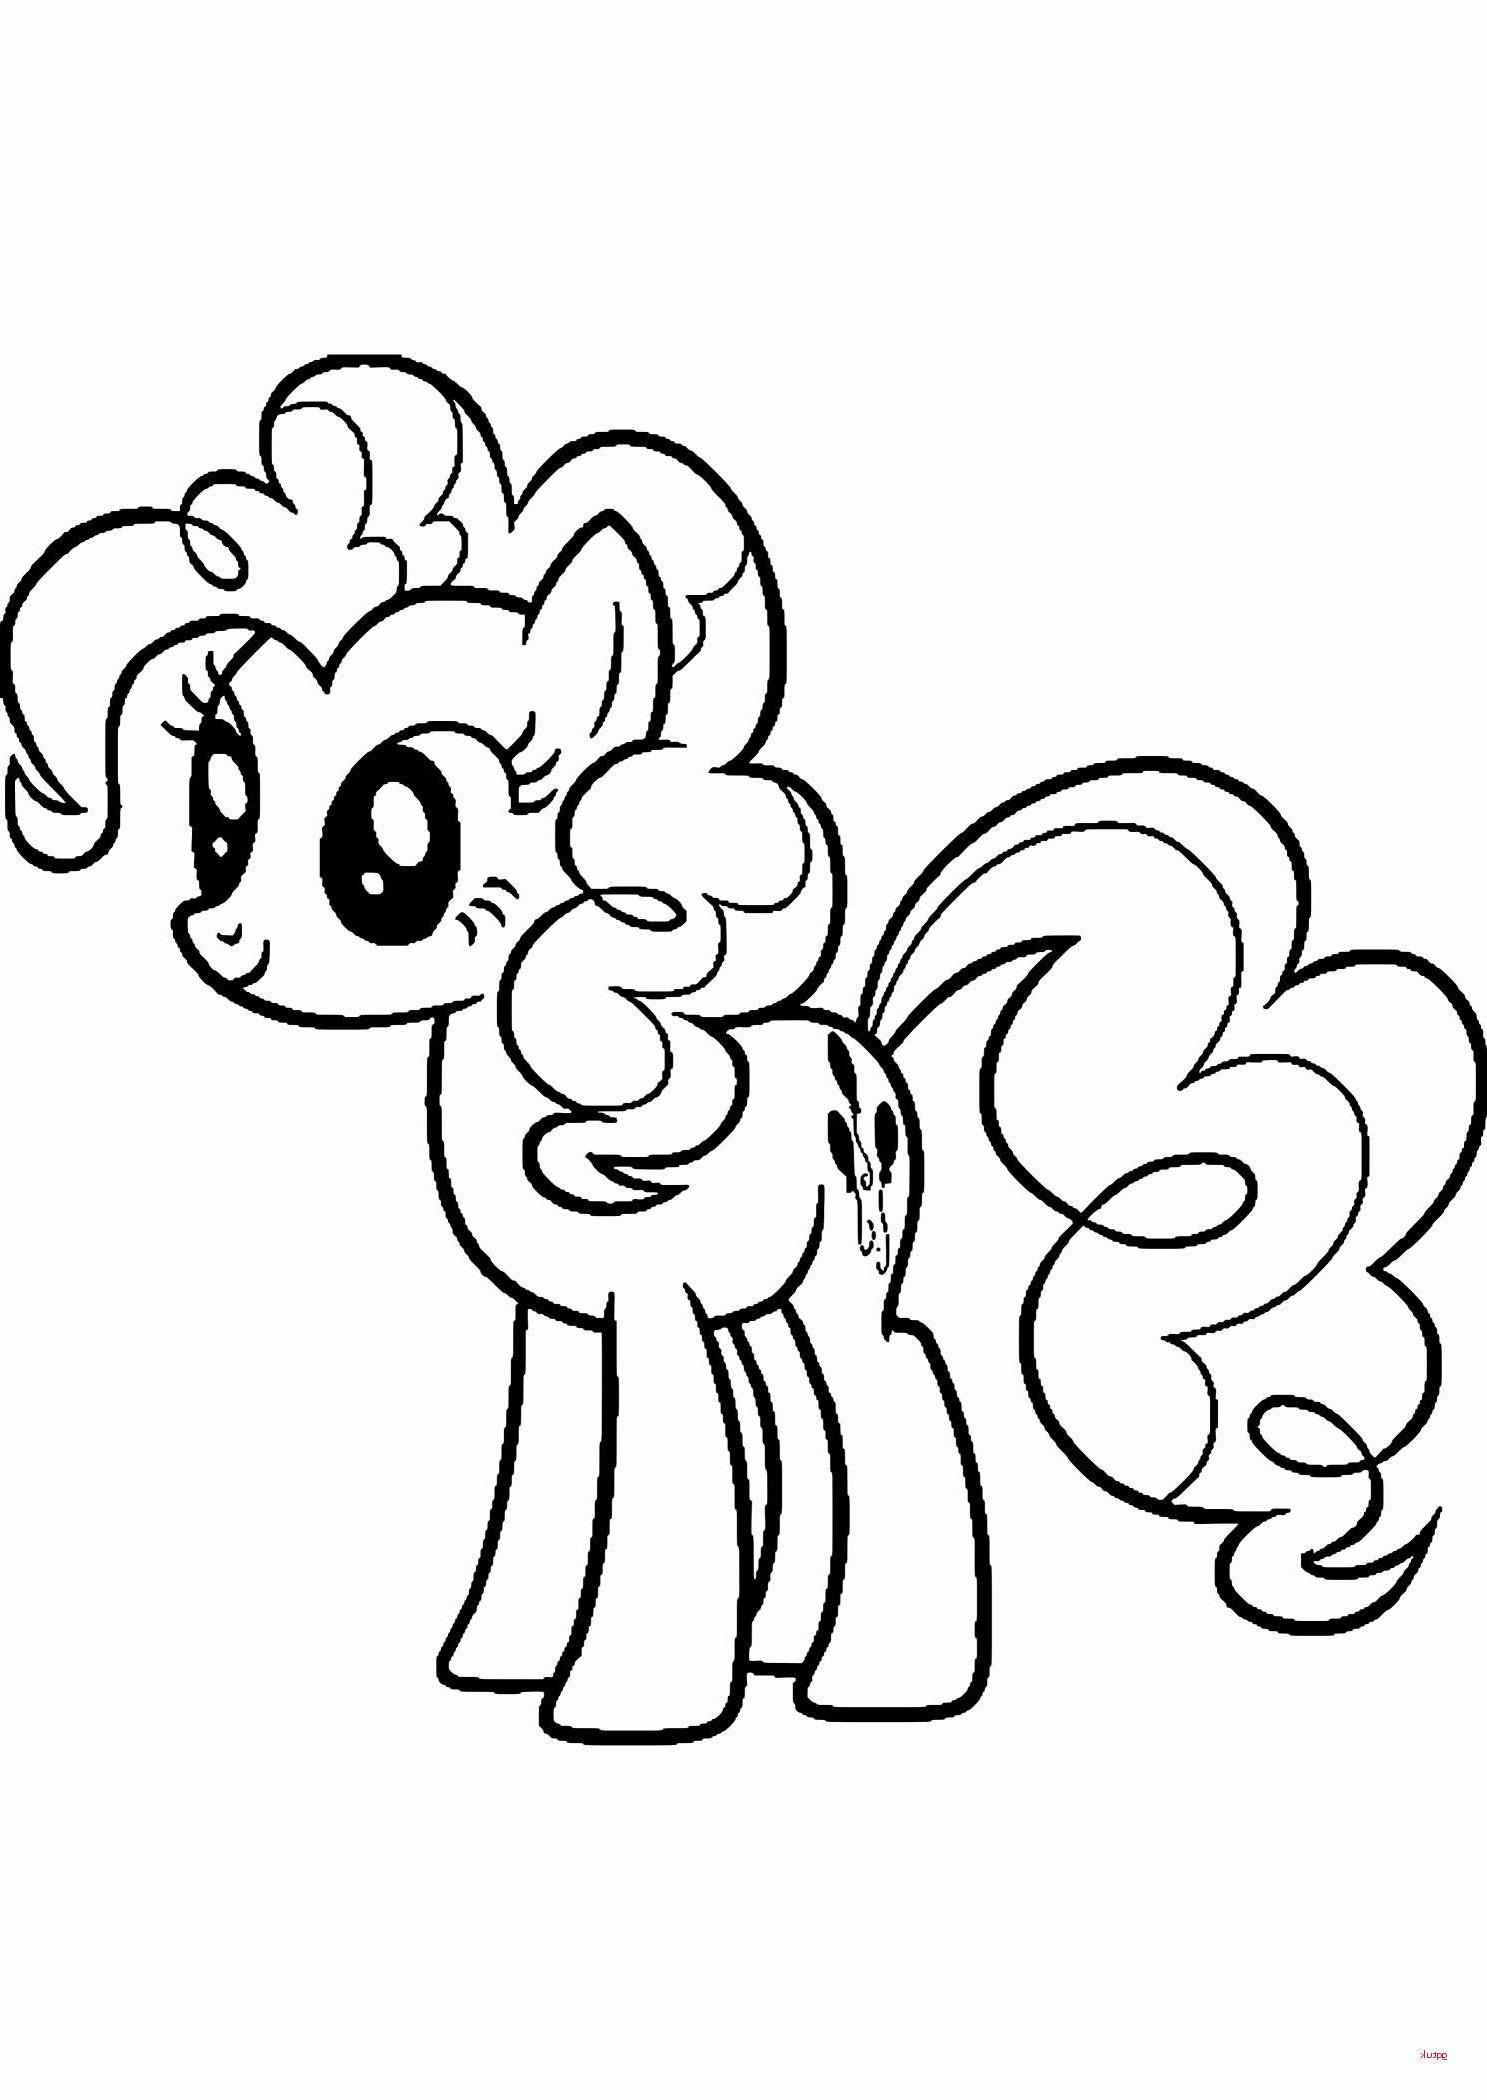 Ausmalbilder My Little Pony Equestria Genial 30 Elegant Equestria Girls Ausmalbilder – Malvorlagen Ideen Das Bild